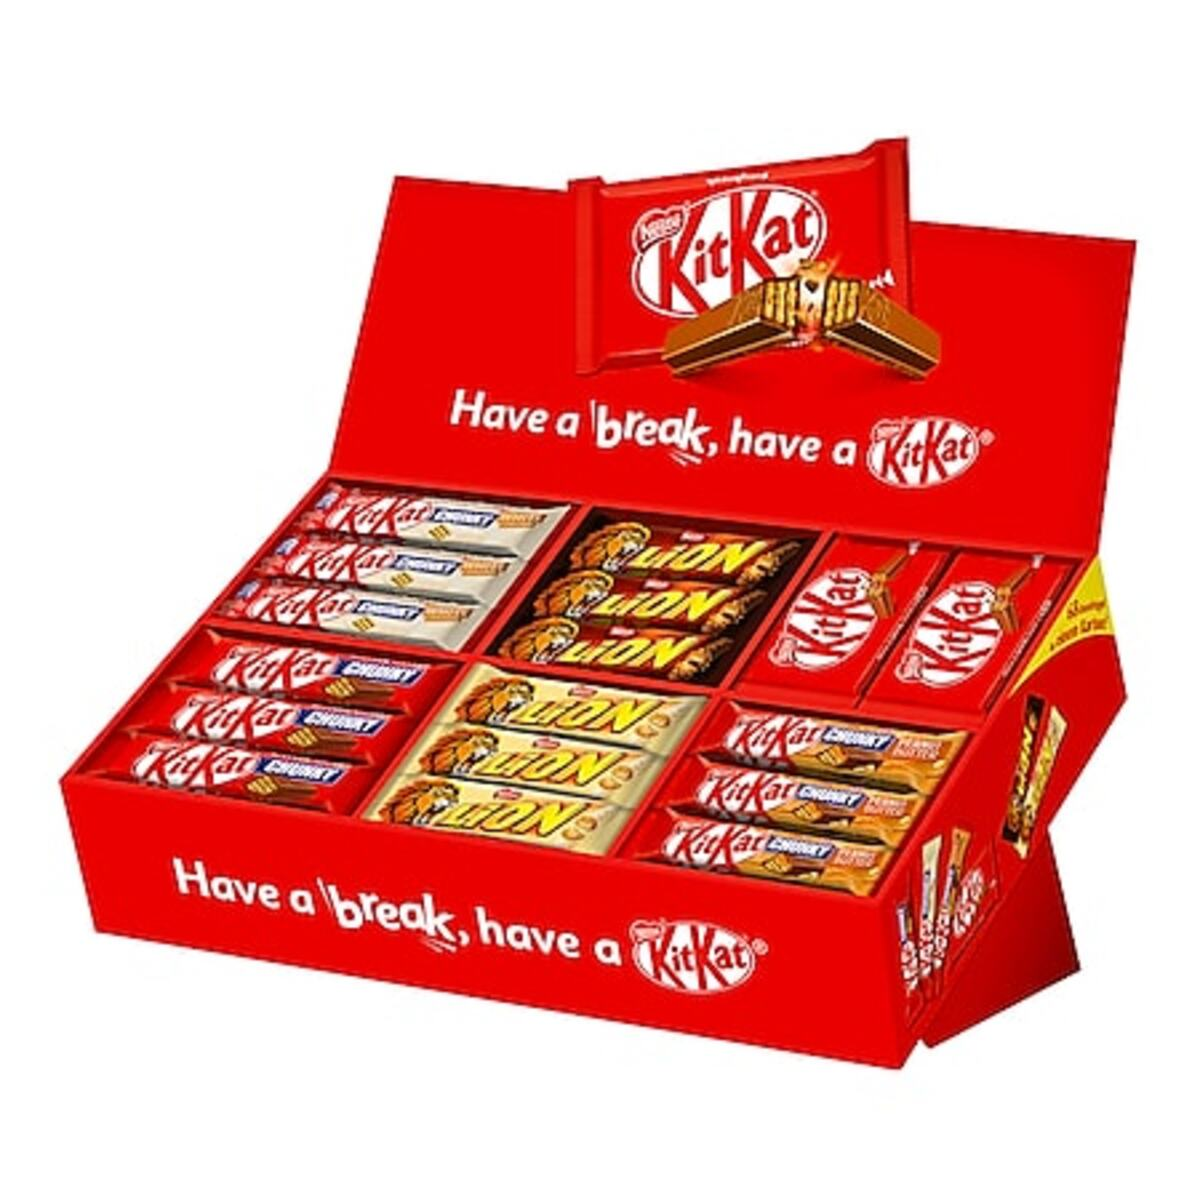 Bild 1 von Kit Kat Box 40-42 g, verschiedene Sorten, 68er Pack 2801 g